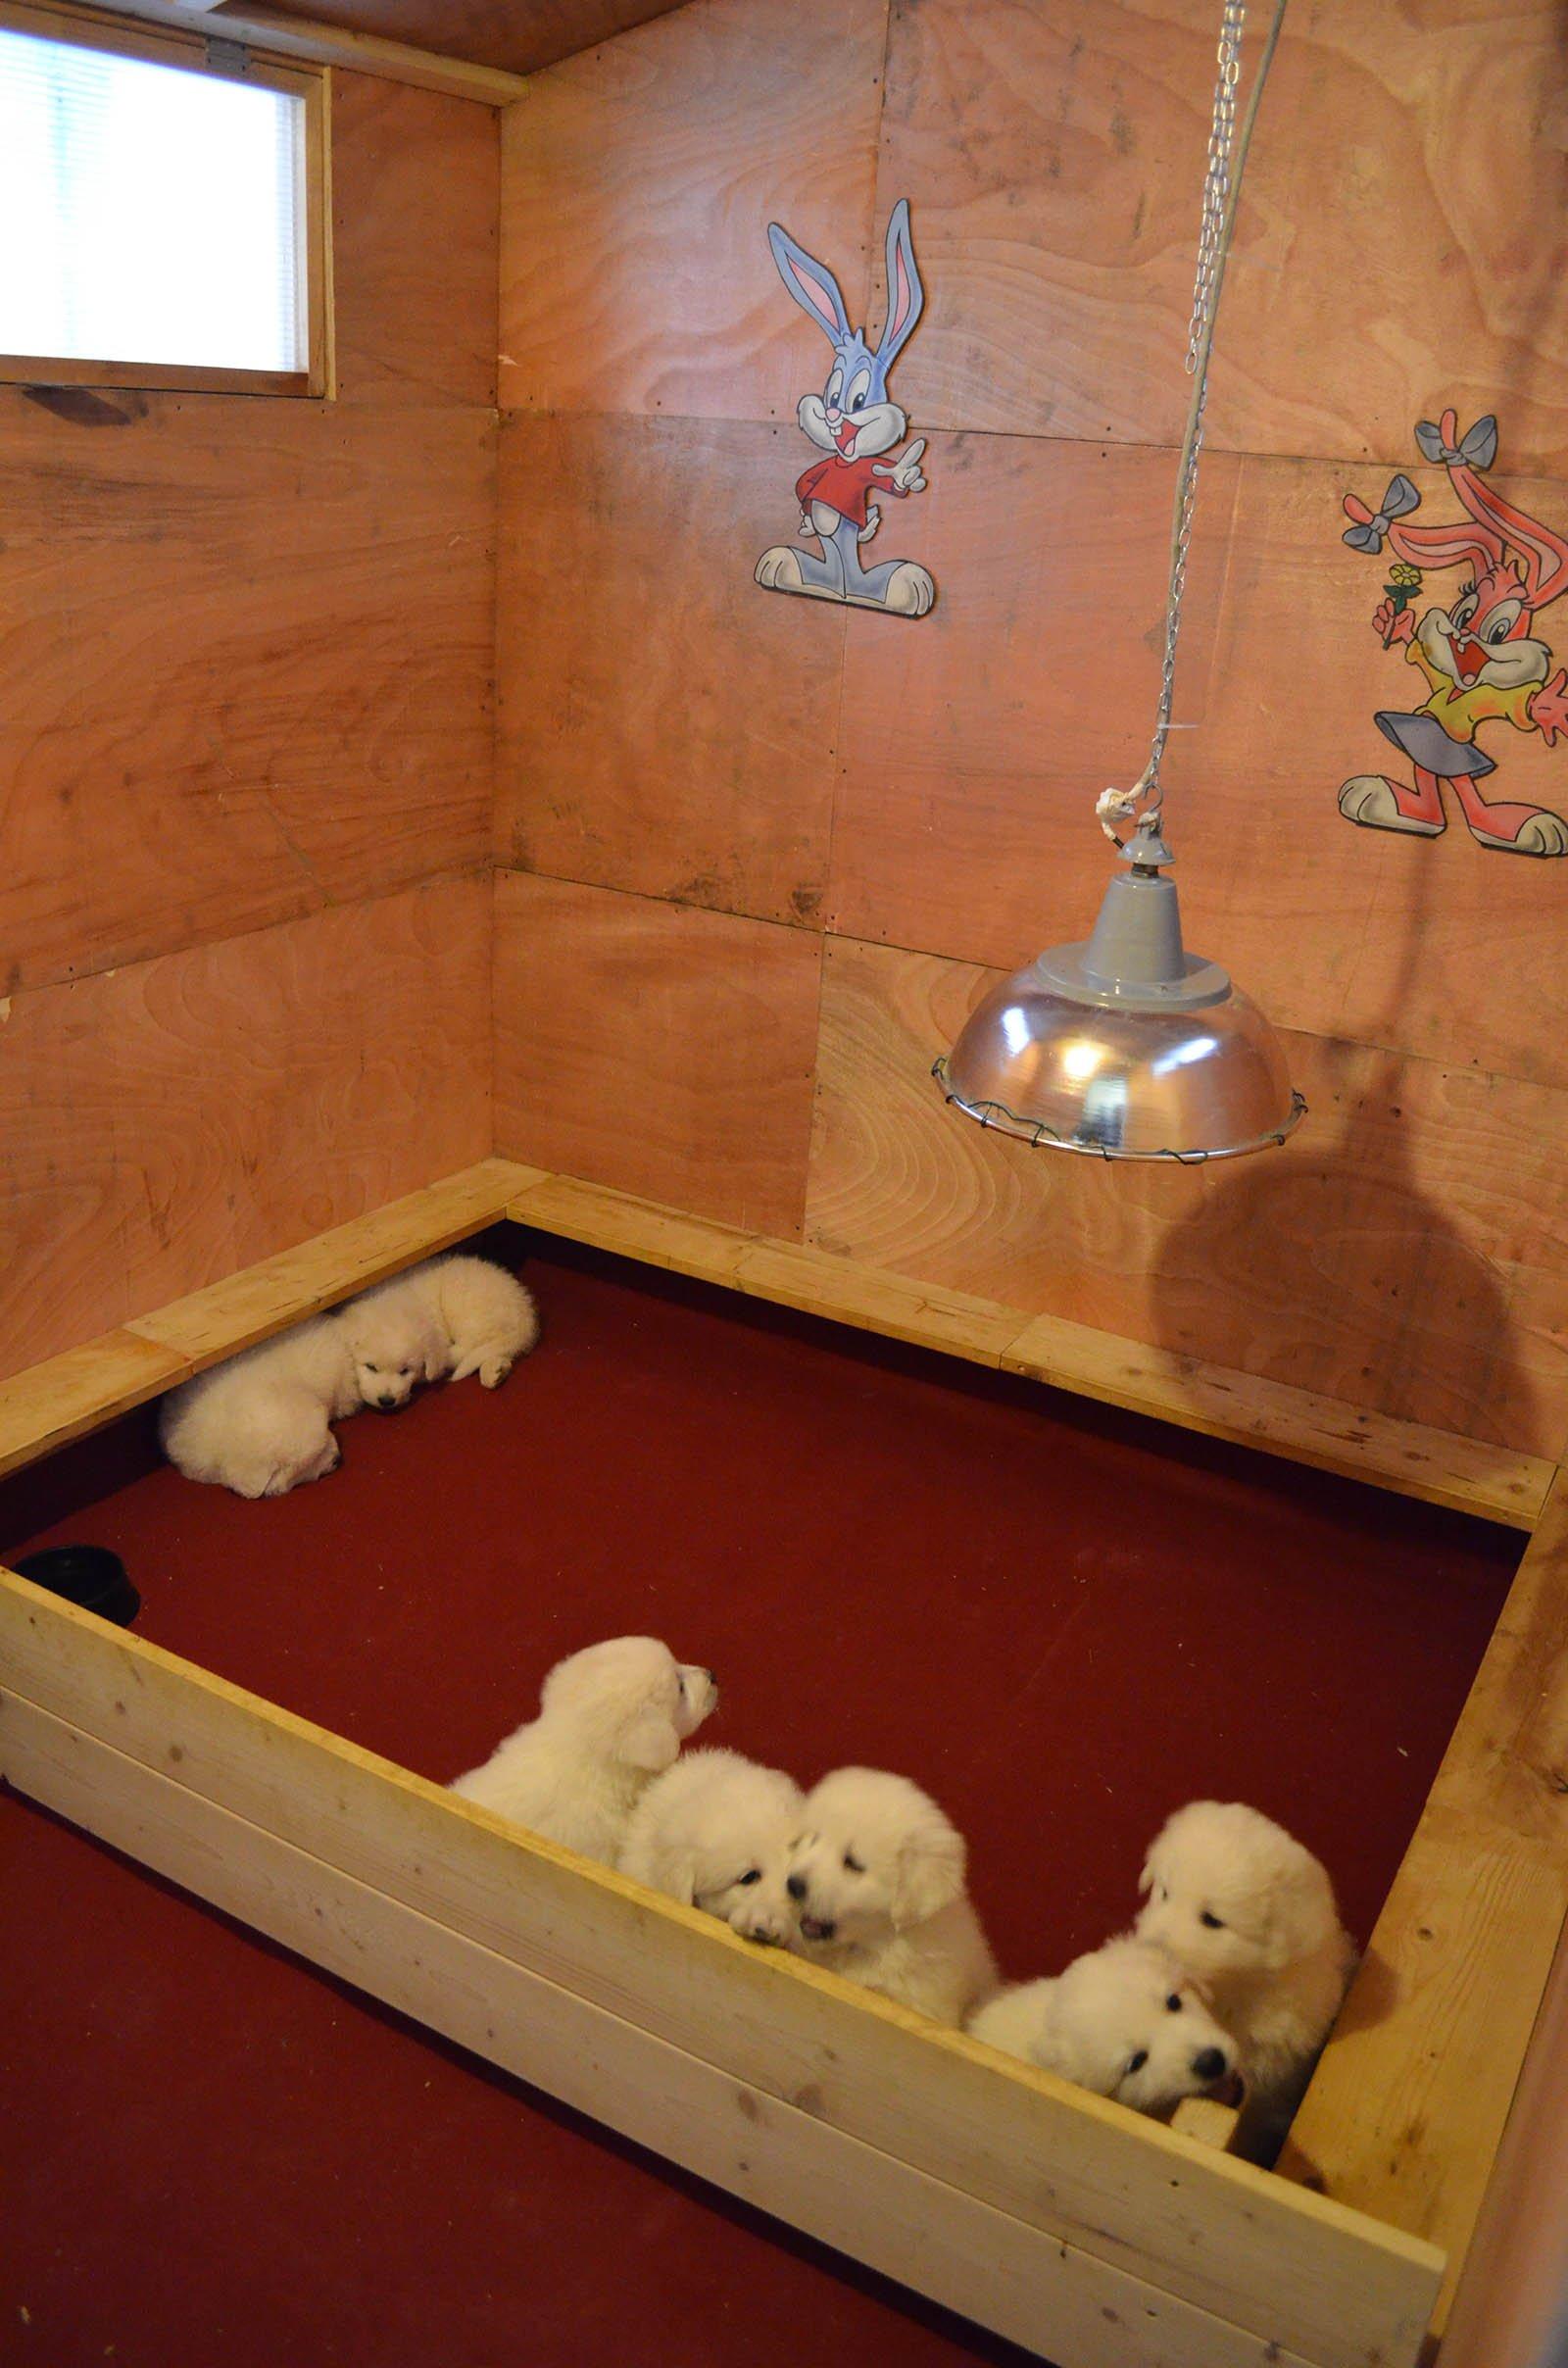 dei cuccioli di pastore maremmano in un box  di legno